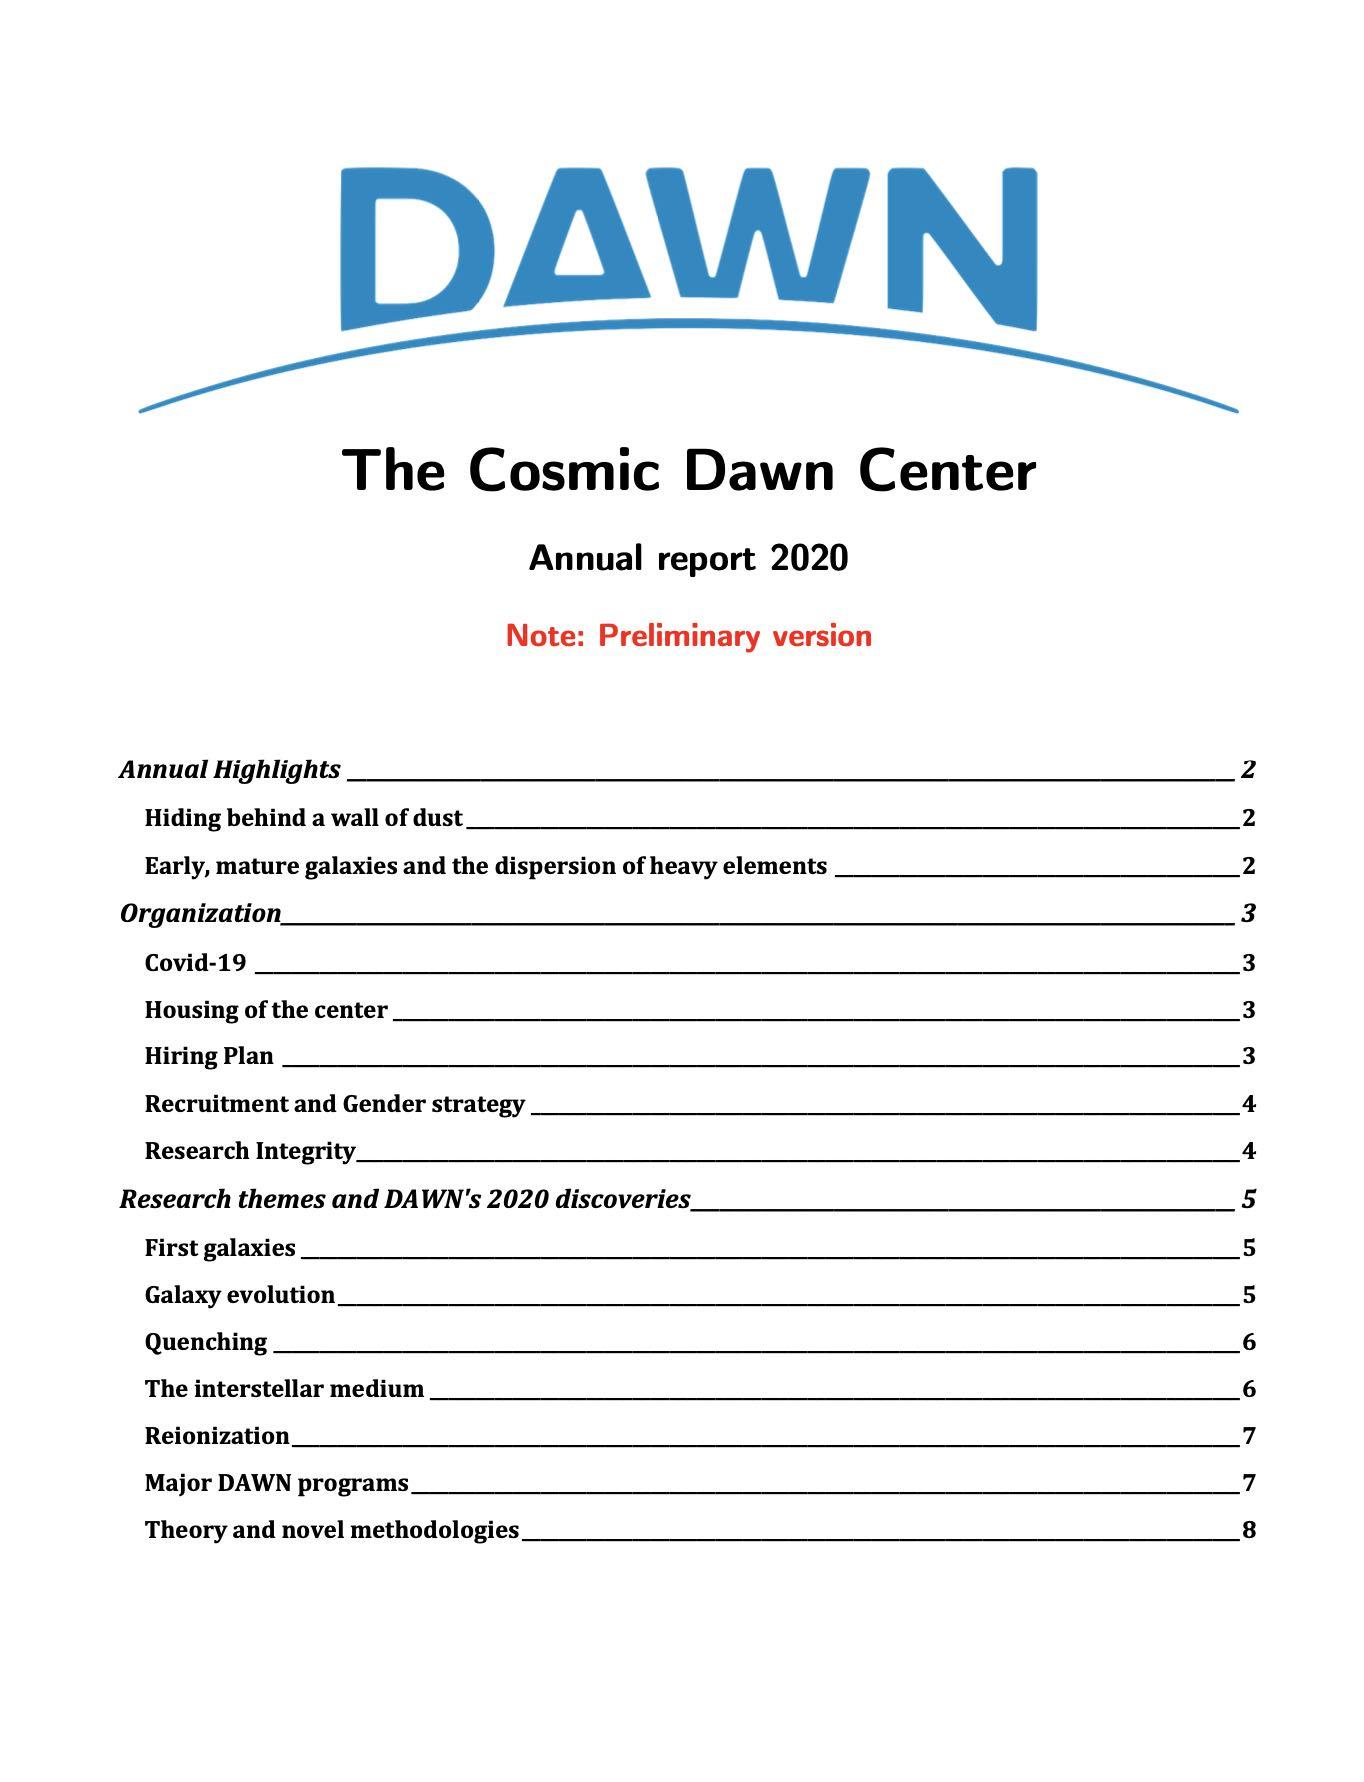 dnrf-report-2020-prelim-cover